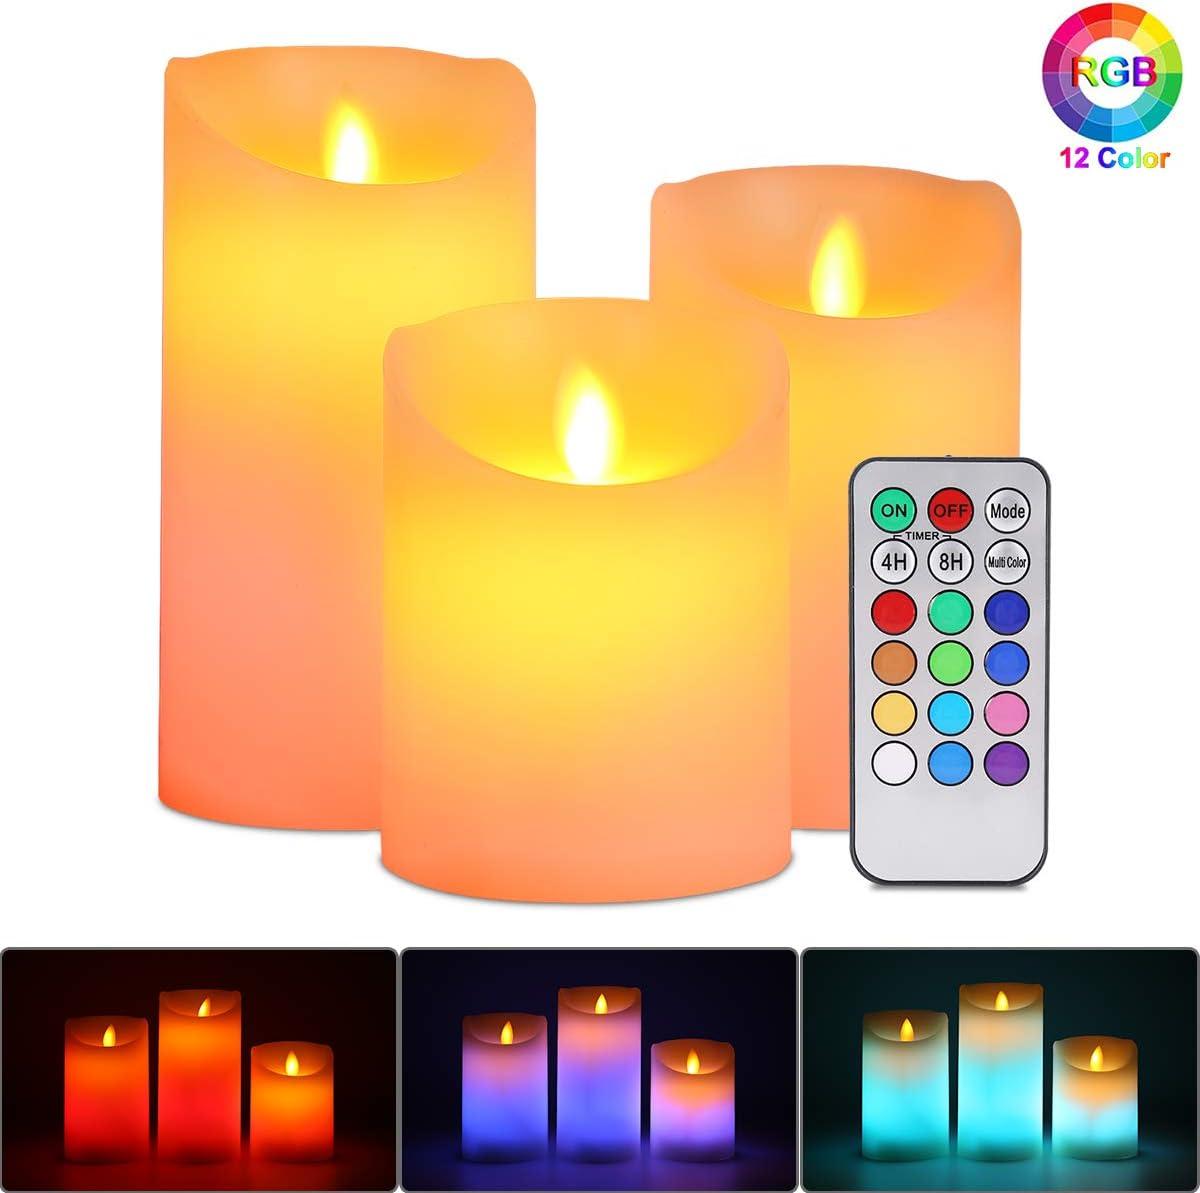 Velas de LED sin Llama, ALED LIGHT Pack de 3 Blanco Cálido más Multicolores Velas Electricas de Cera Reales con Mando a Distancia y Temporizador Velas Decorativas de pilas para Decoración, Bodas